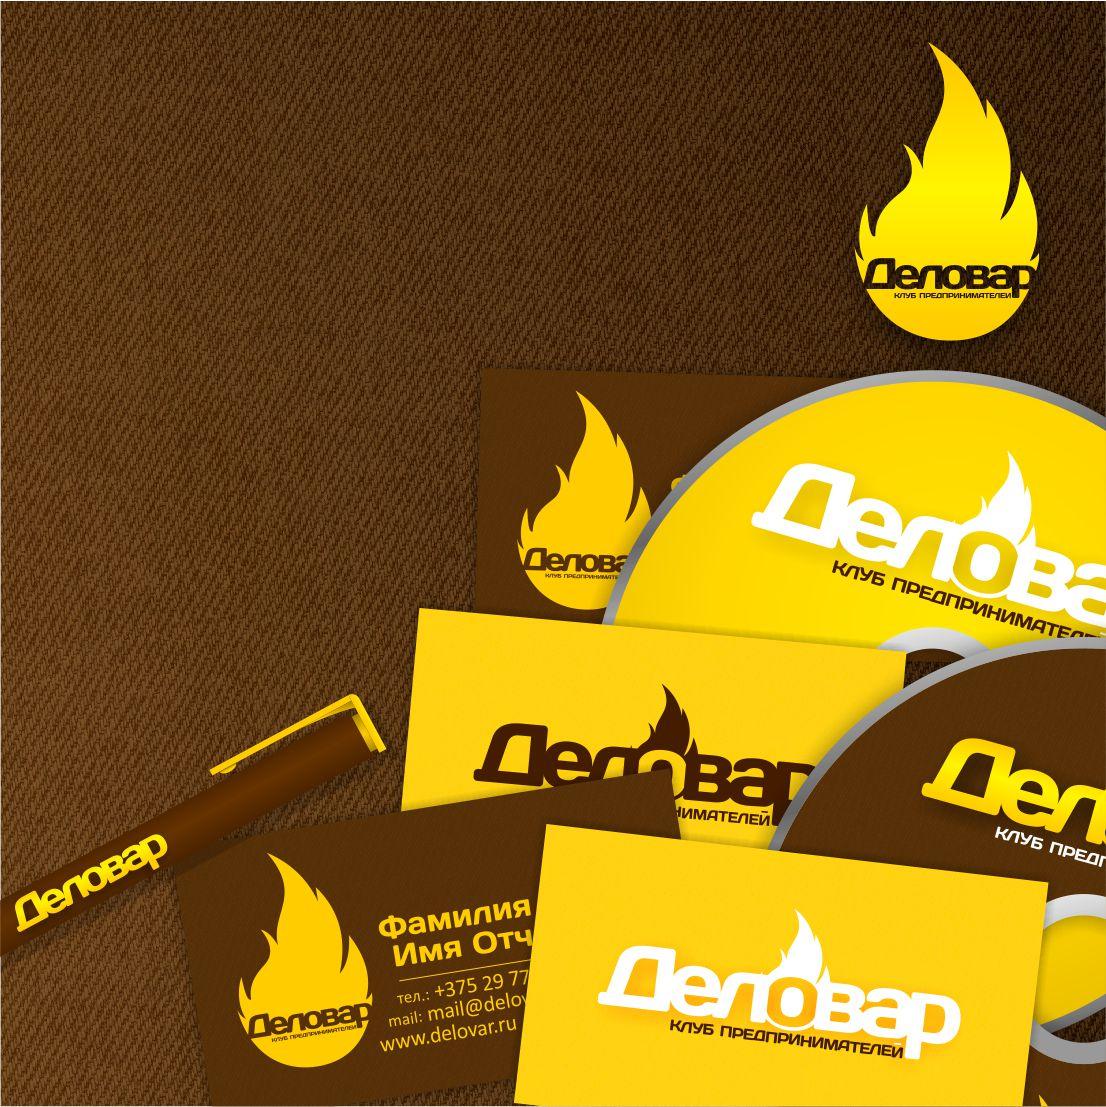 """Логотип и фирм. стиль для Клуба предпринимателей """"Деловар"""" фото f_5045f59c41e6f.jpg"""